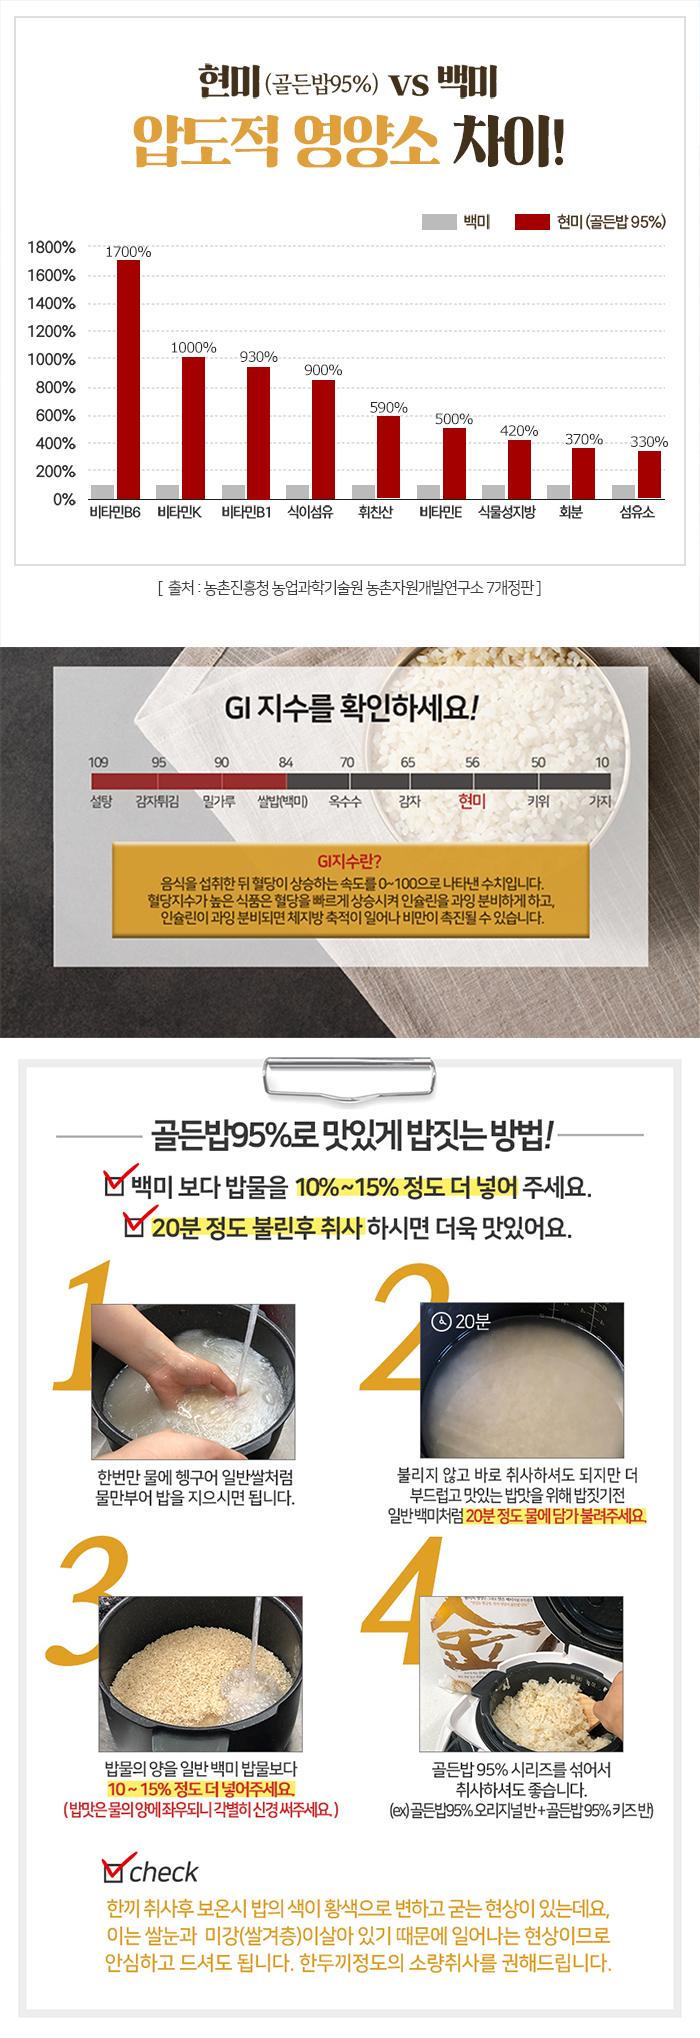 1201_골든밥_상세수정.jpg